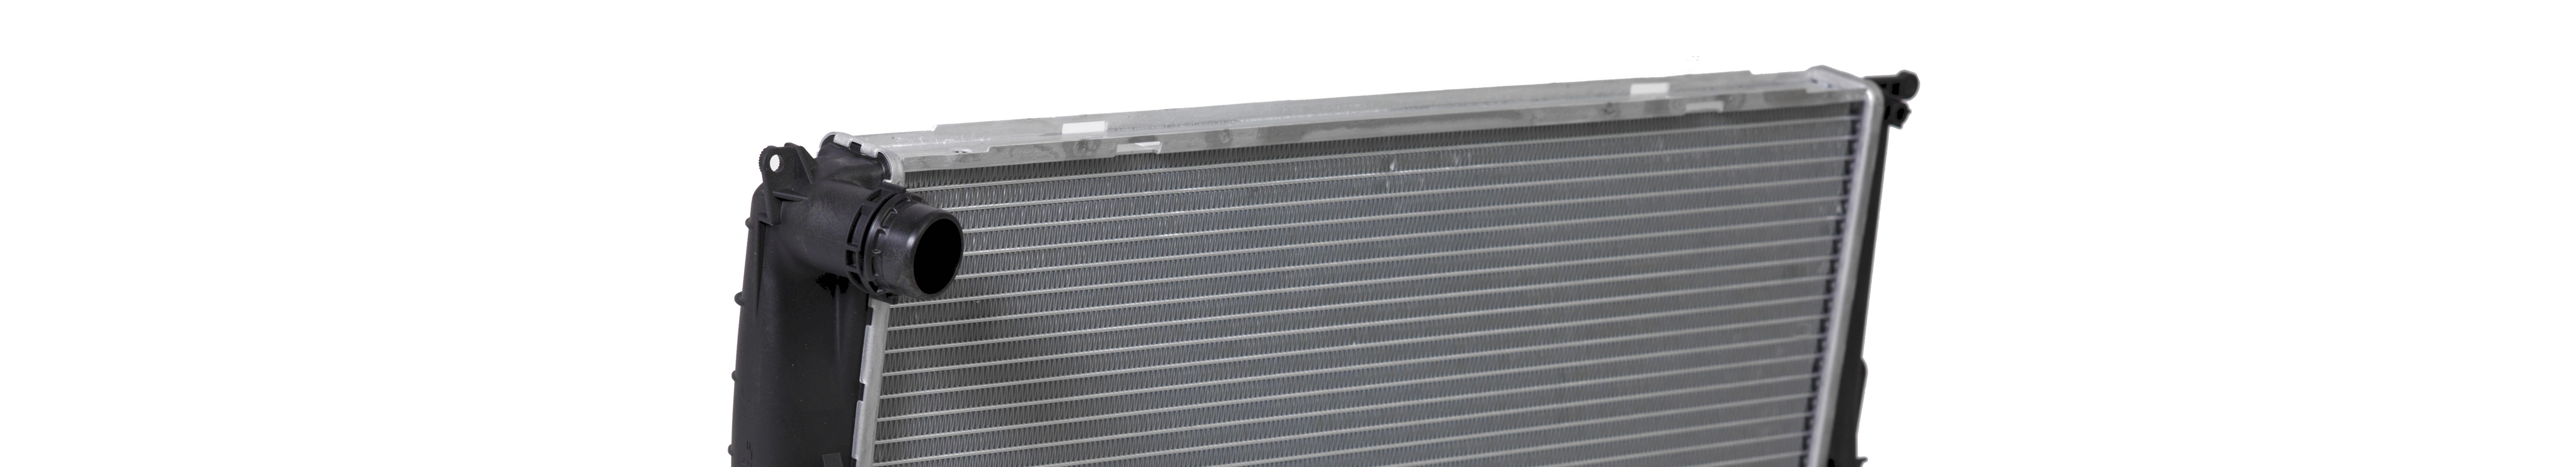 Offerte goedkope prijs radiateur www.carcoolsystems.nl